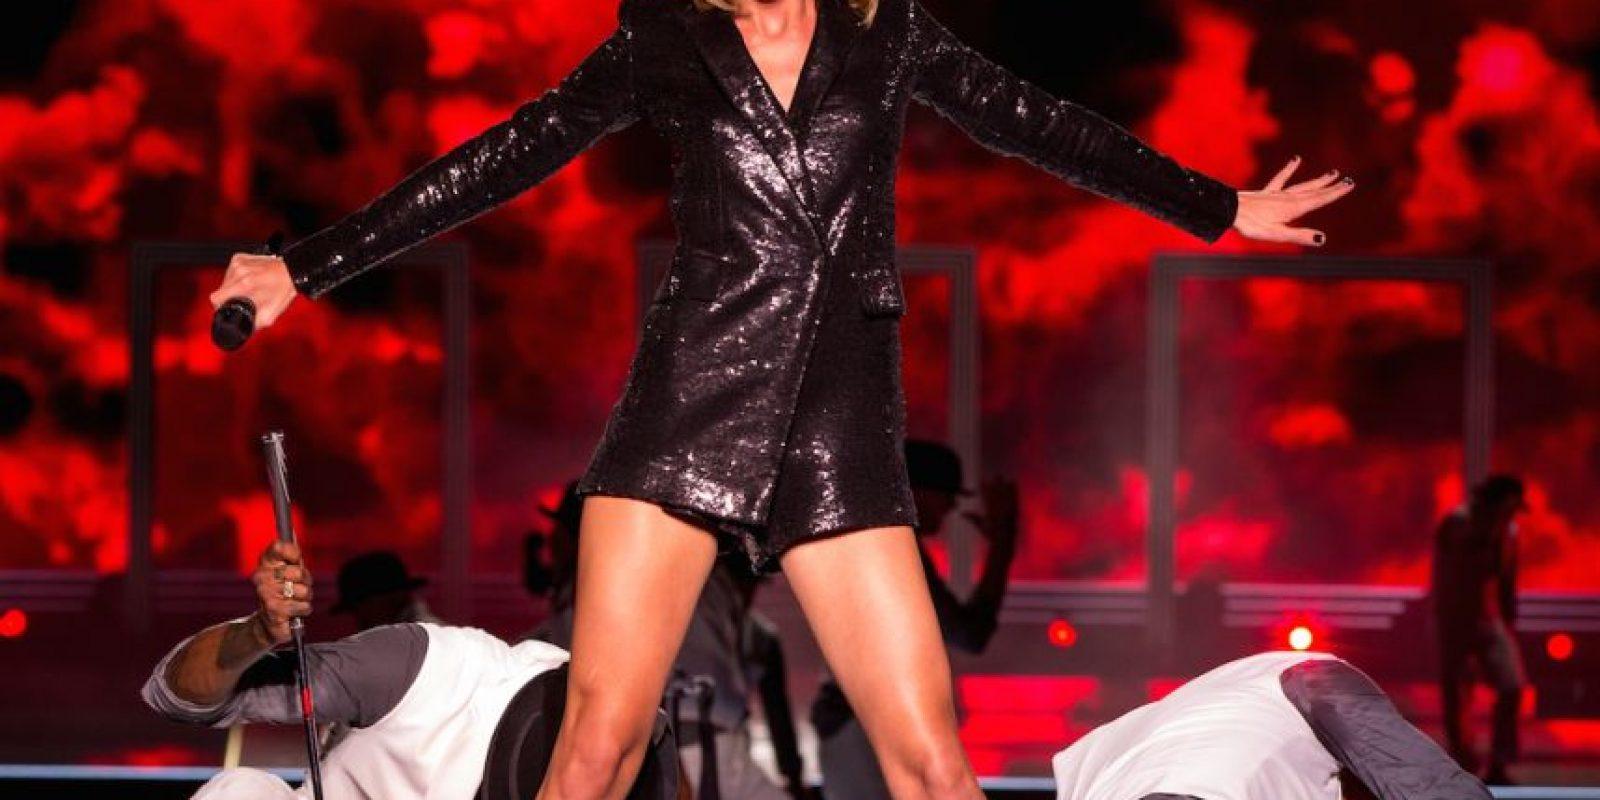 El tour de la cantante finalizará en diciembre de este año siendo Melbourne, Australia, la última fecha que realice. Foto:Getty Images